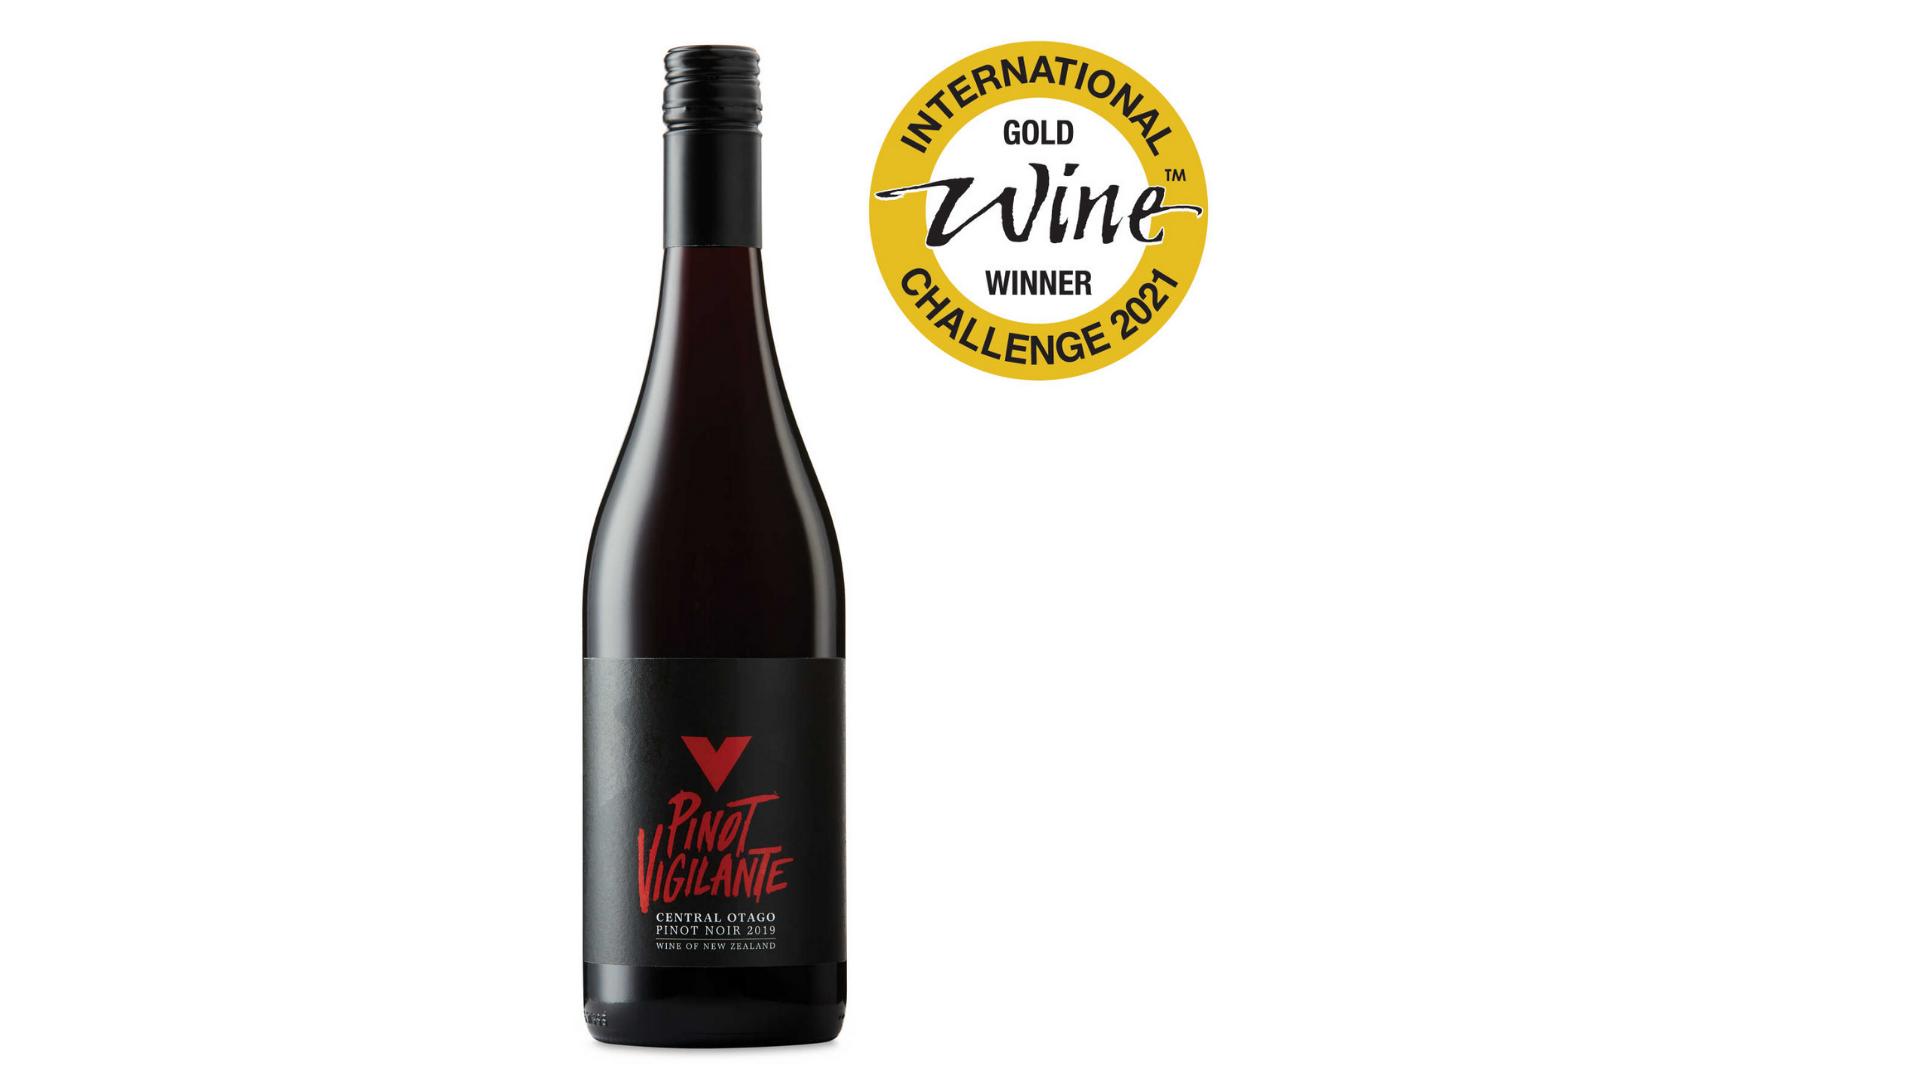 une bouteille d'un vin aldi primé - Pinot vigilant